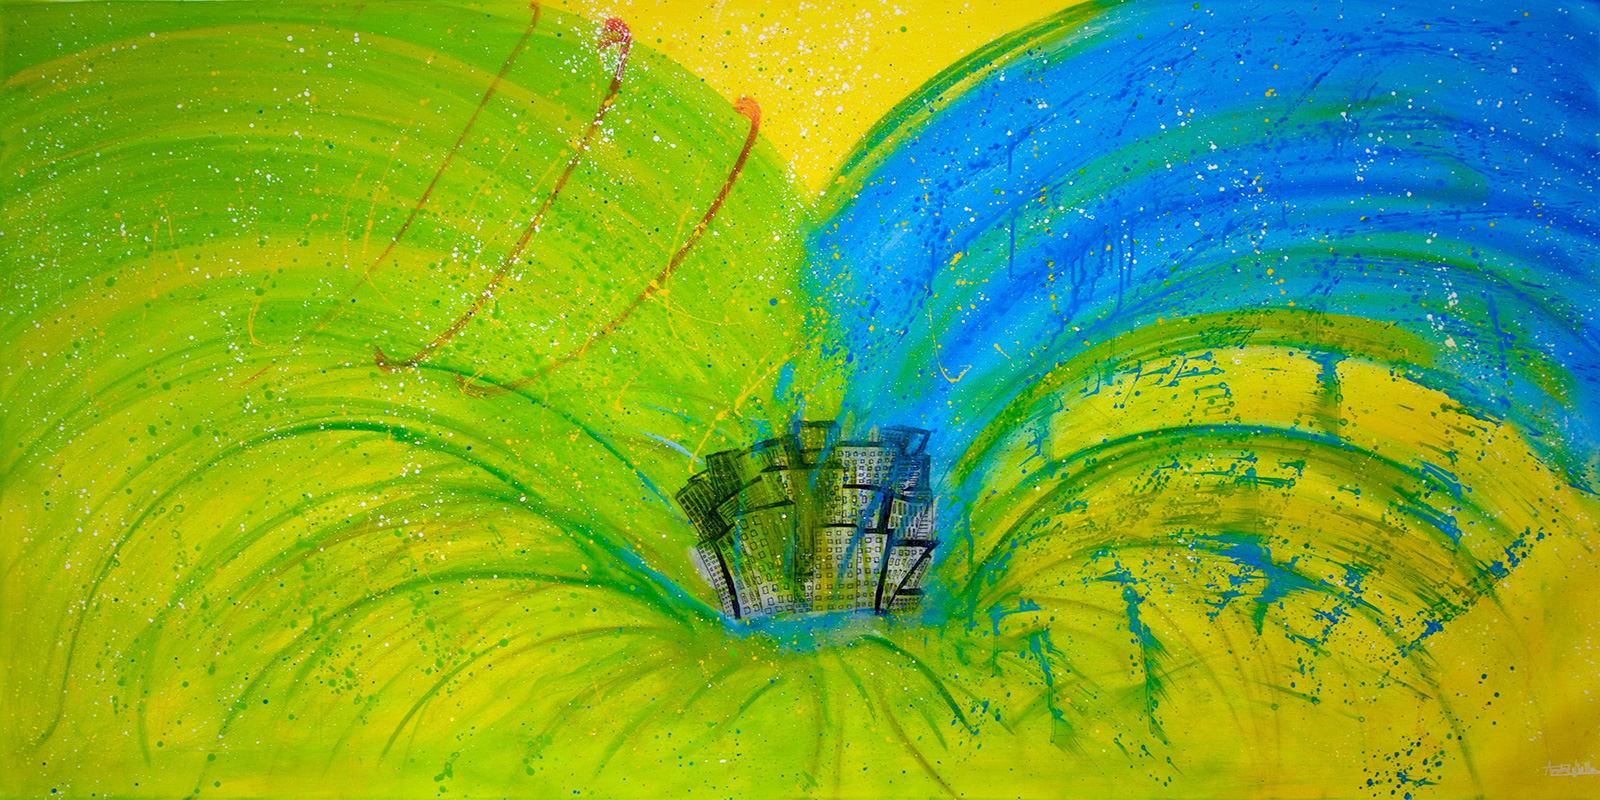 pintura artista chileno Andre Ubilla protección medioambiente